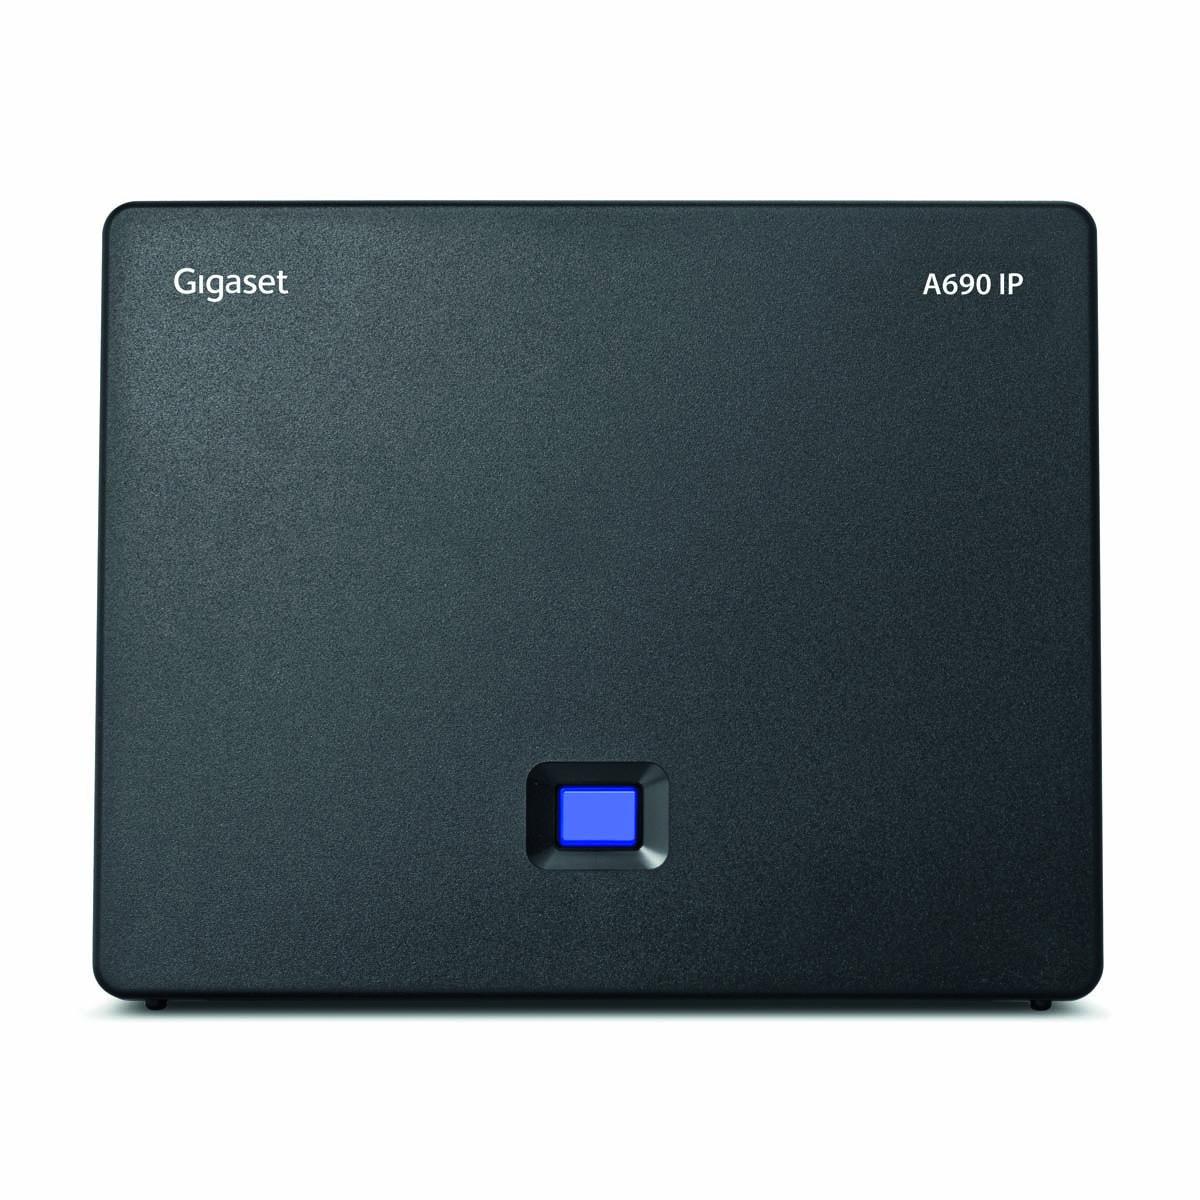 Gigaset A690 IP